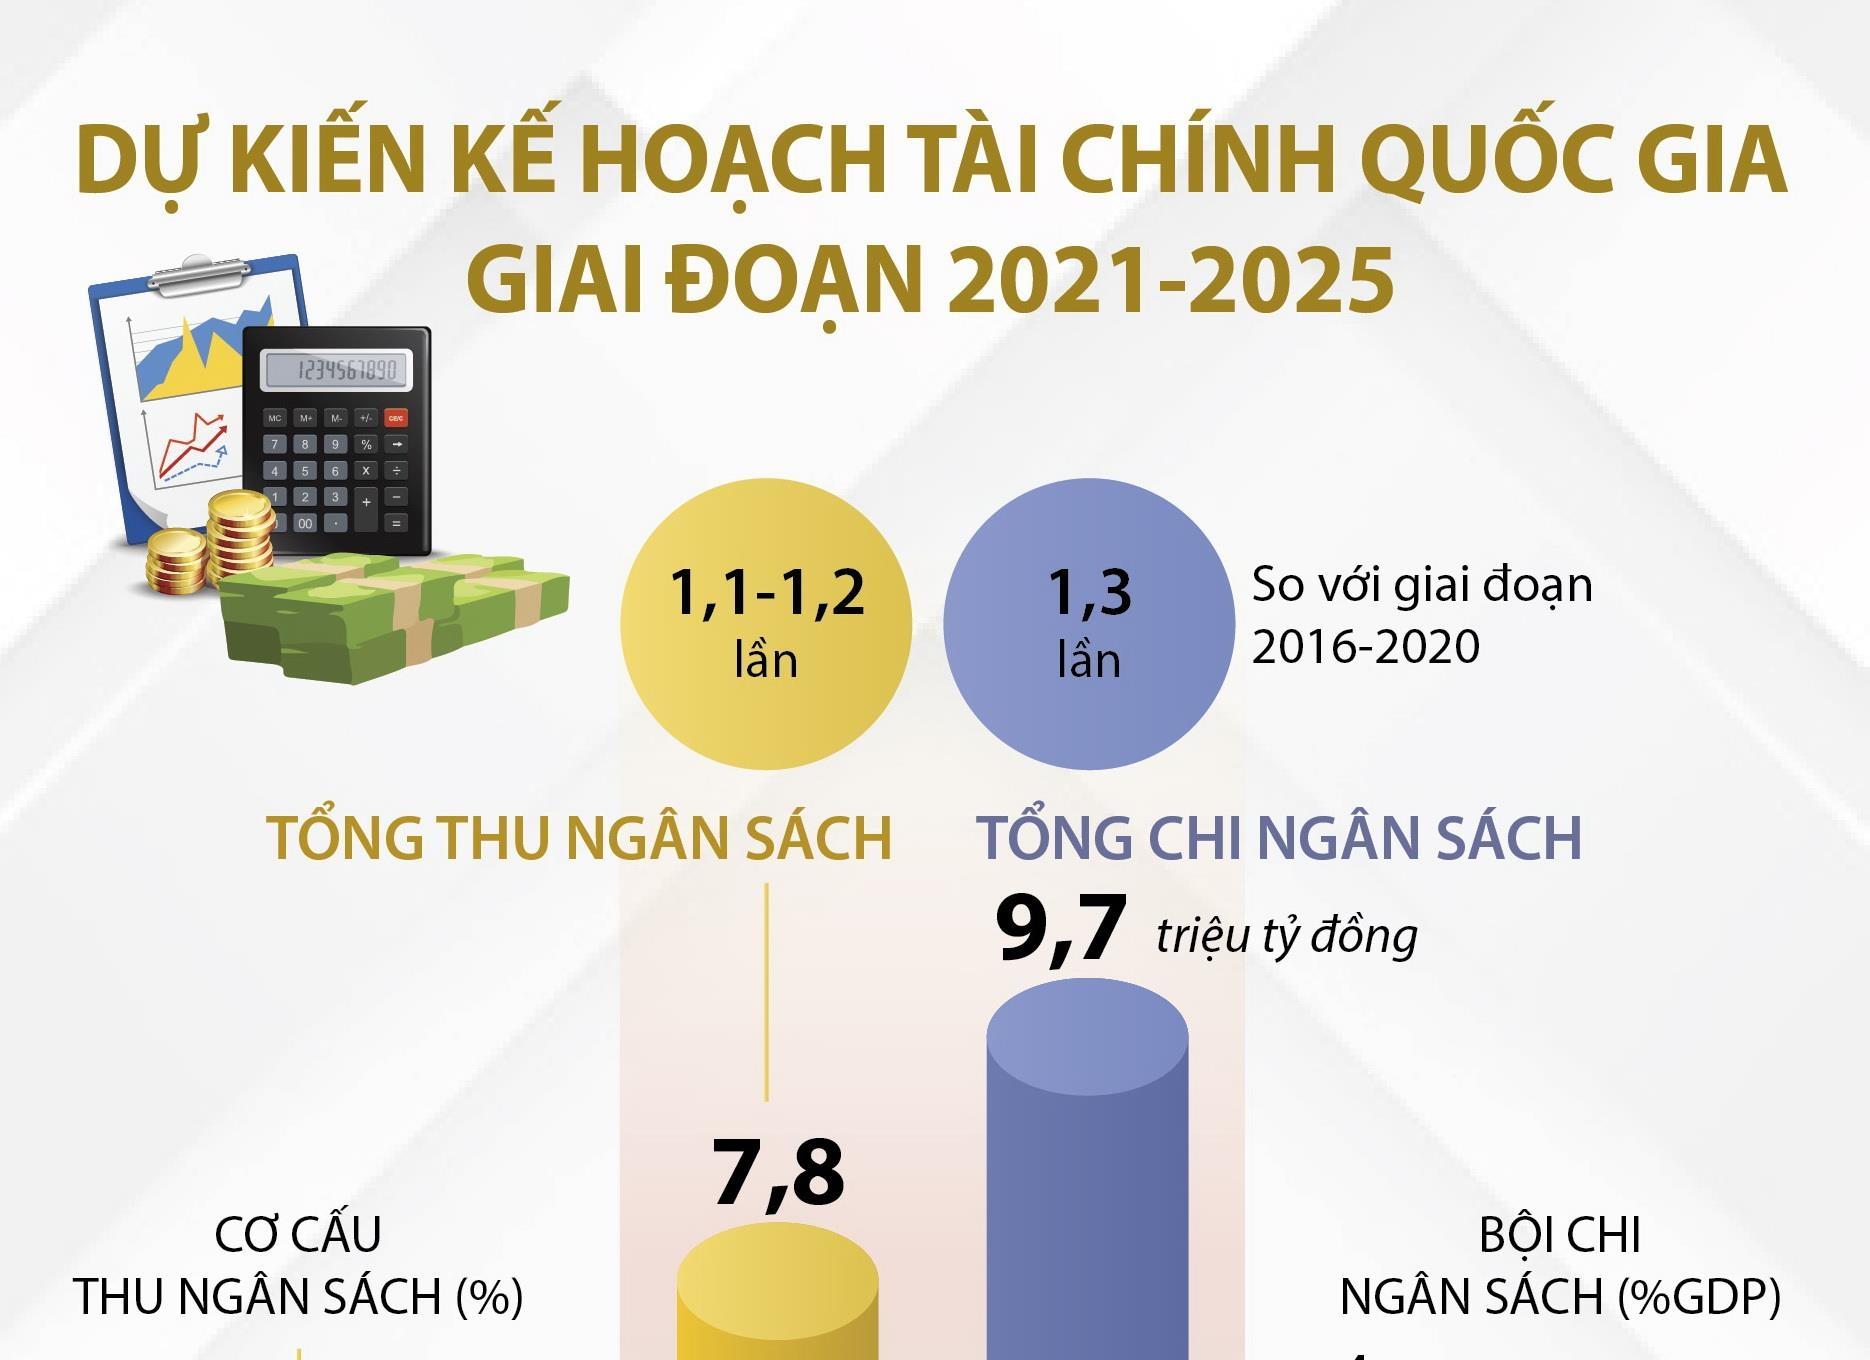 du kien ke hoach tai chinh quoc gia giai doan 2021 2025